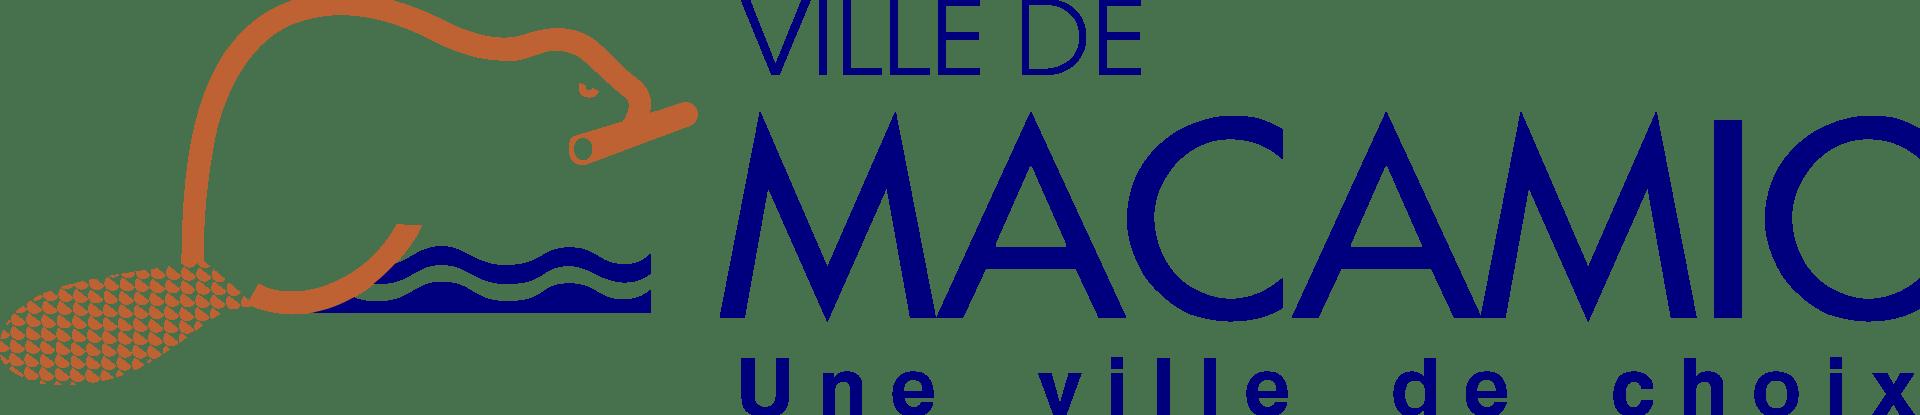 logo-ville-macamic